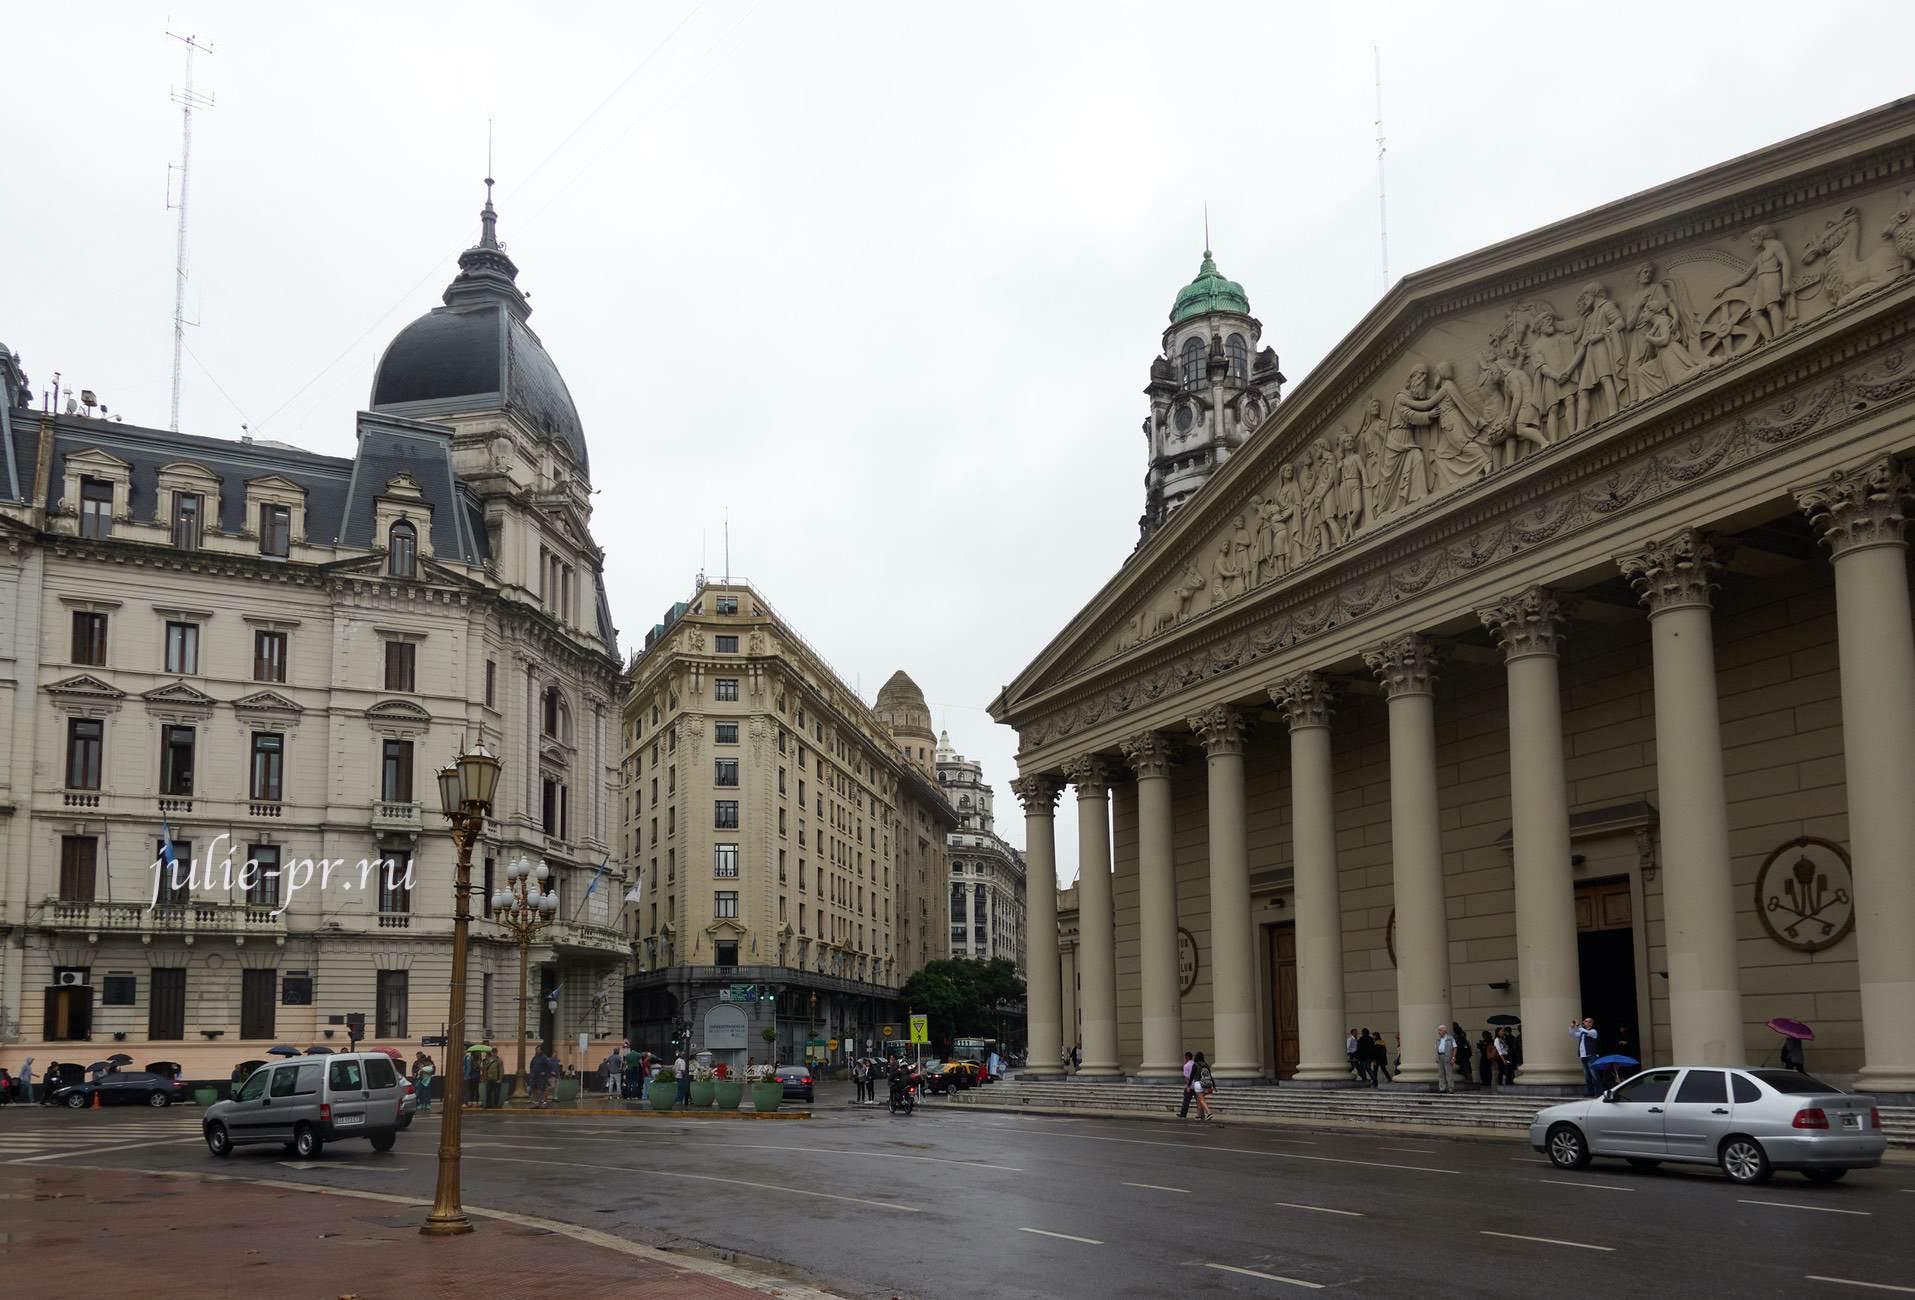 Аргентина, Буэнос-Айрес, Кафедральный собор